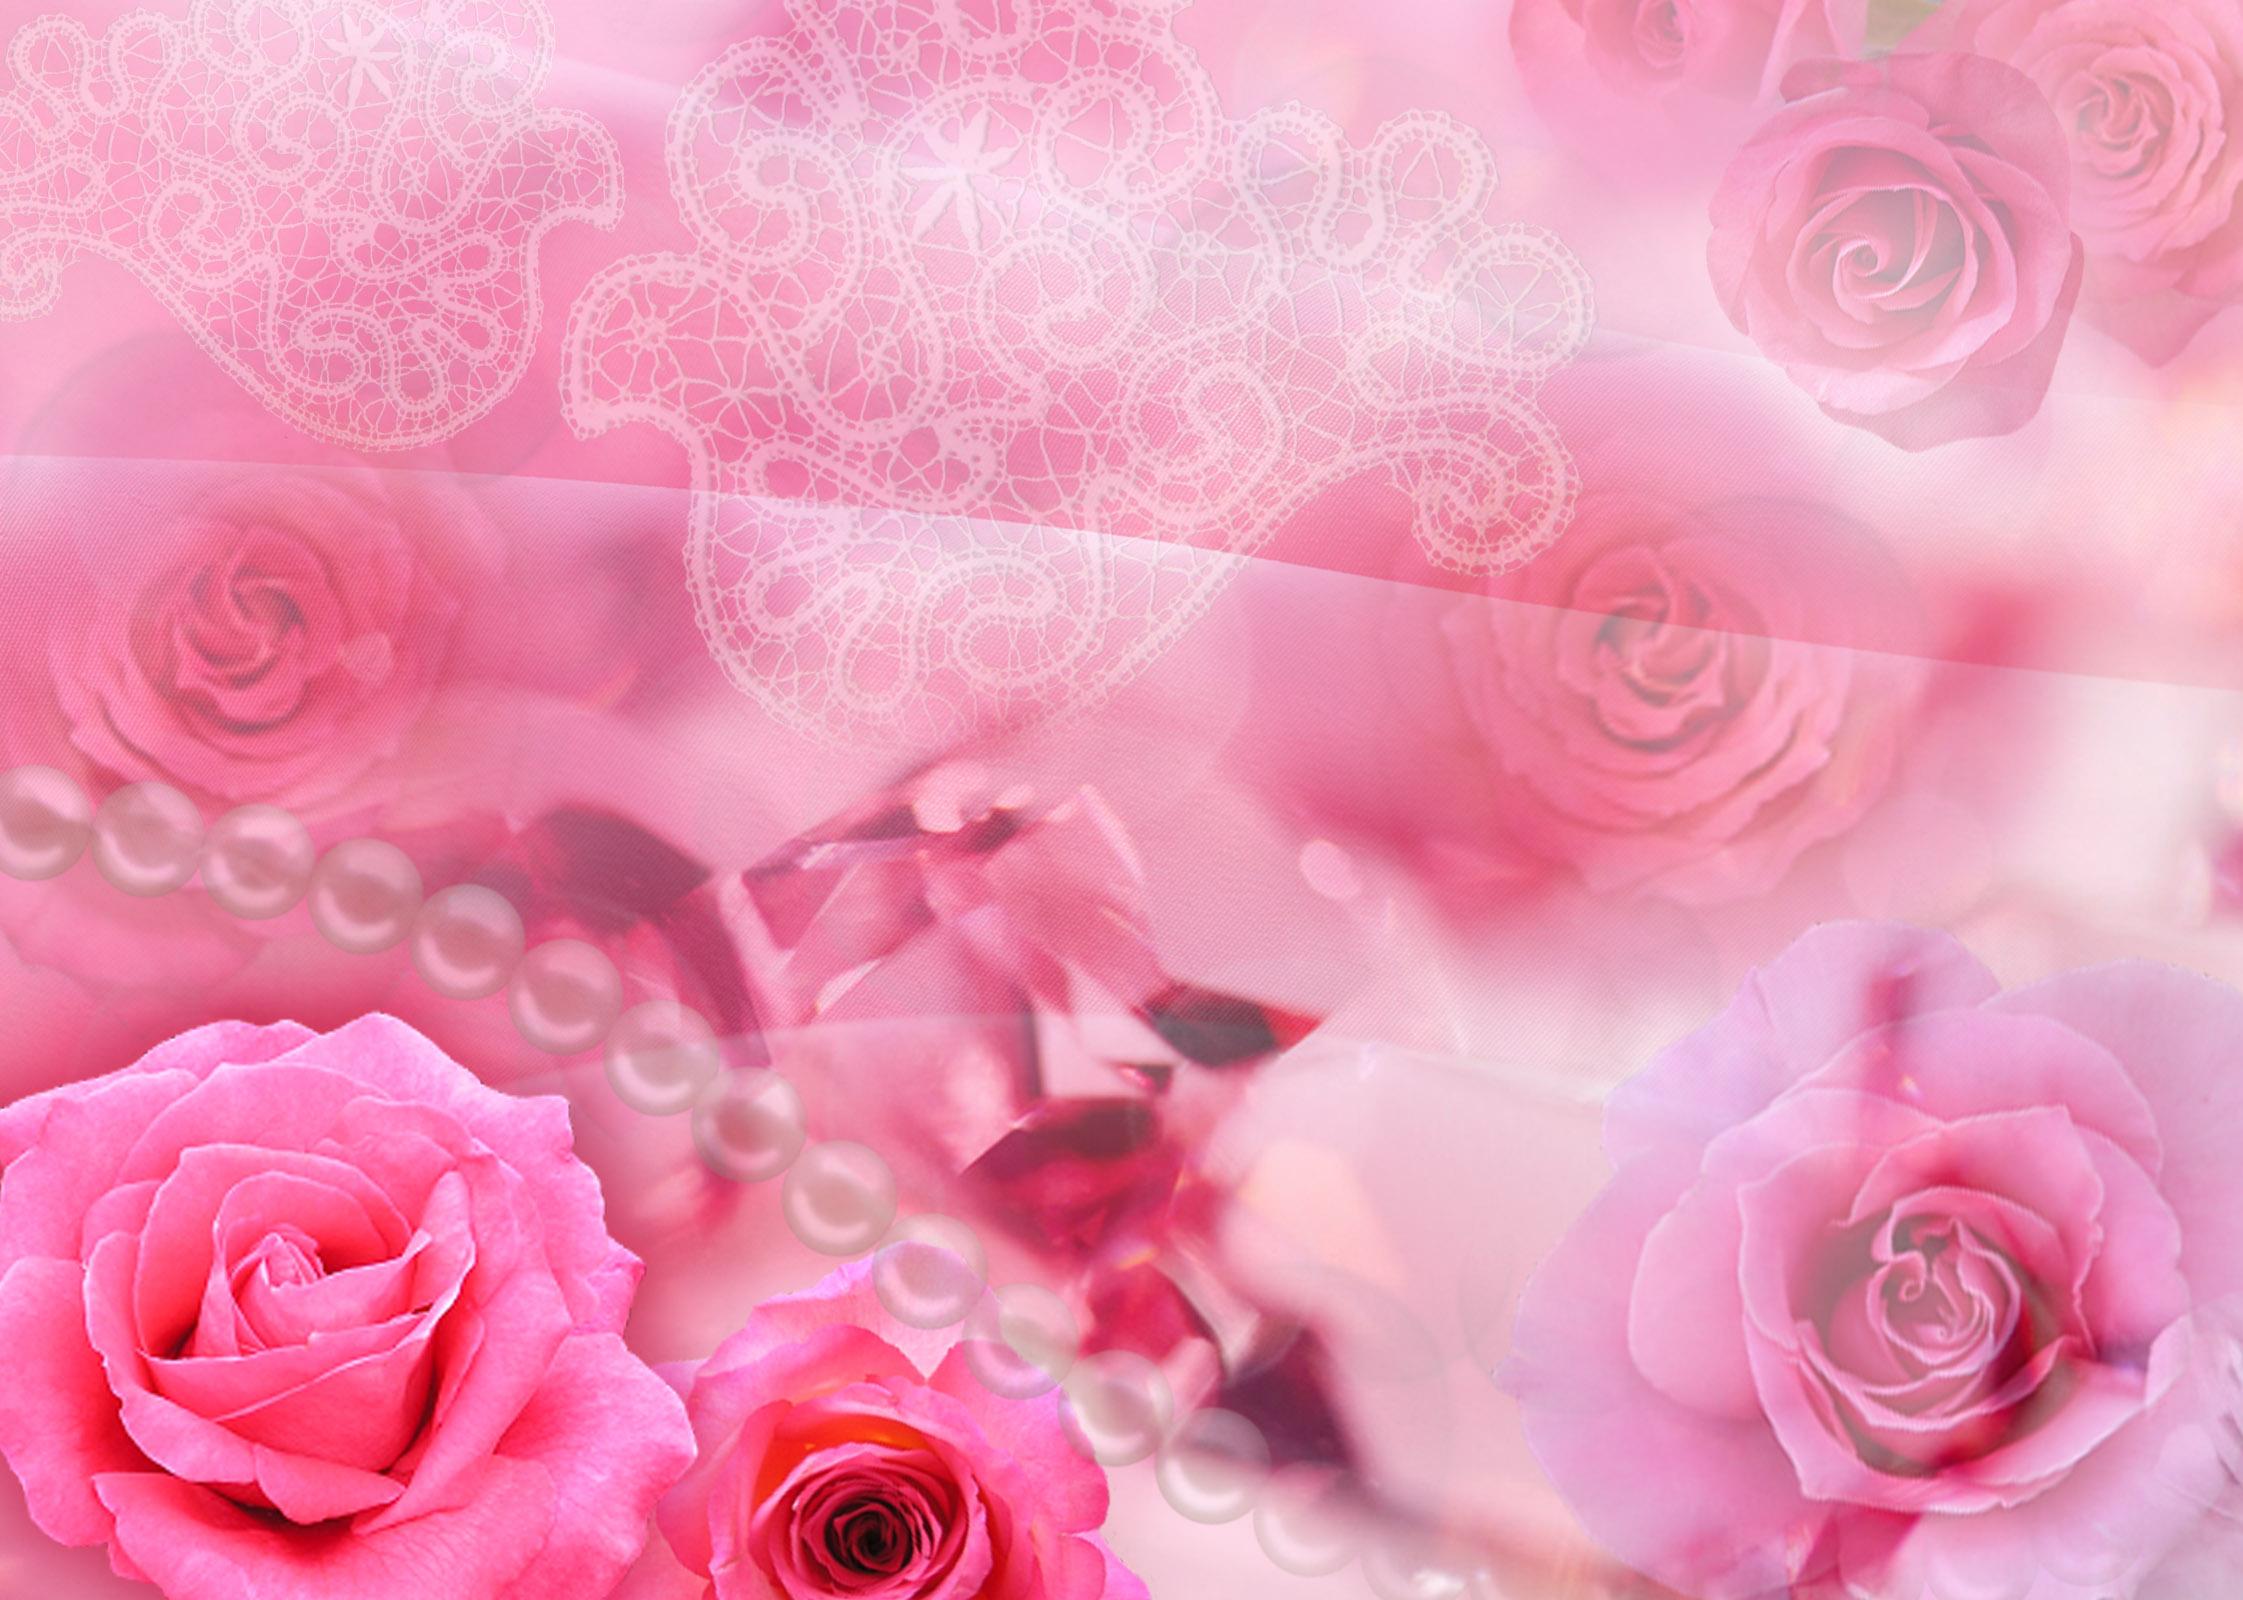 розовый розы, скачать фото, обои для рабочего стола